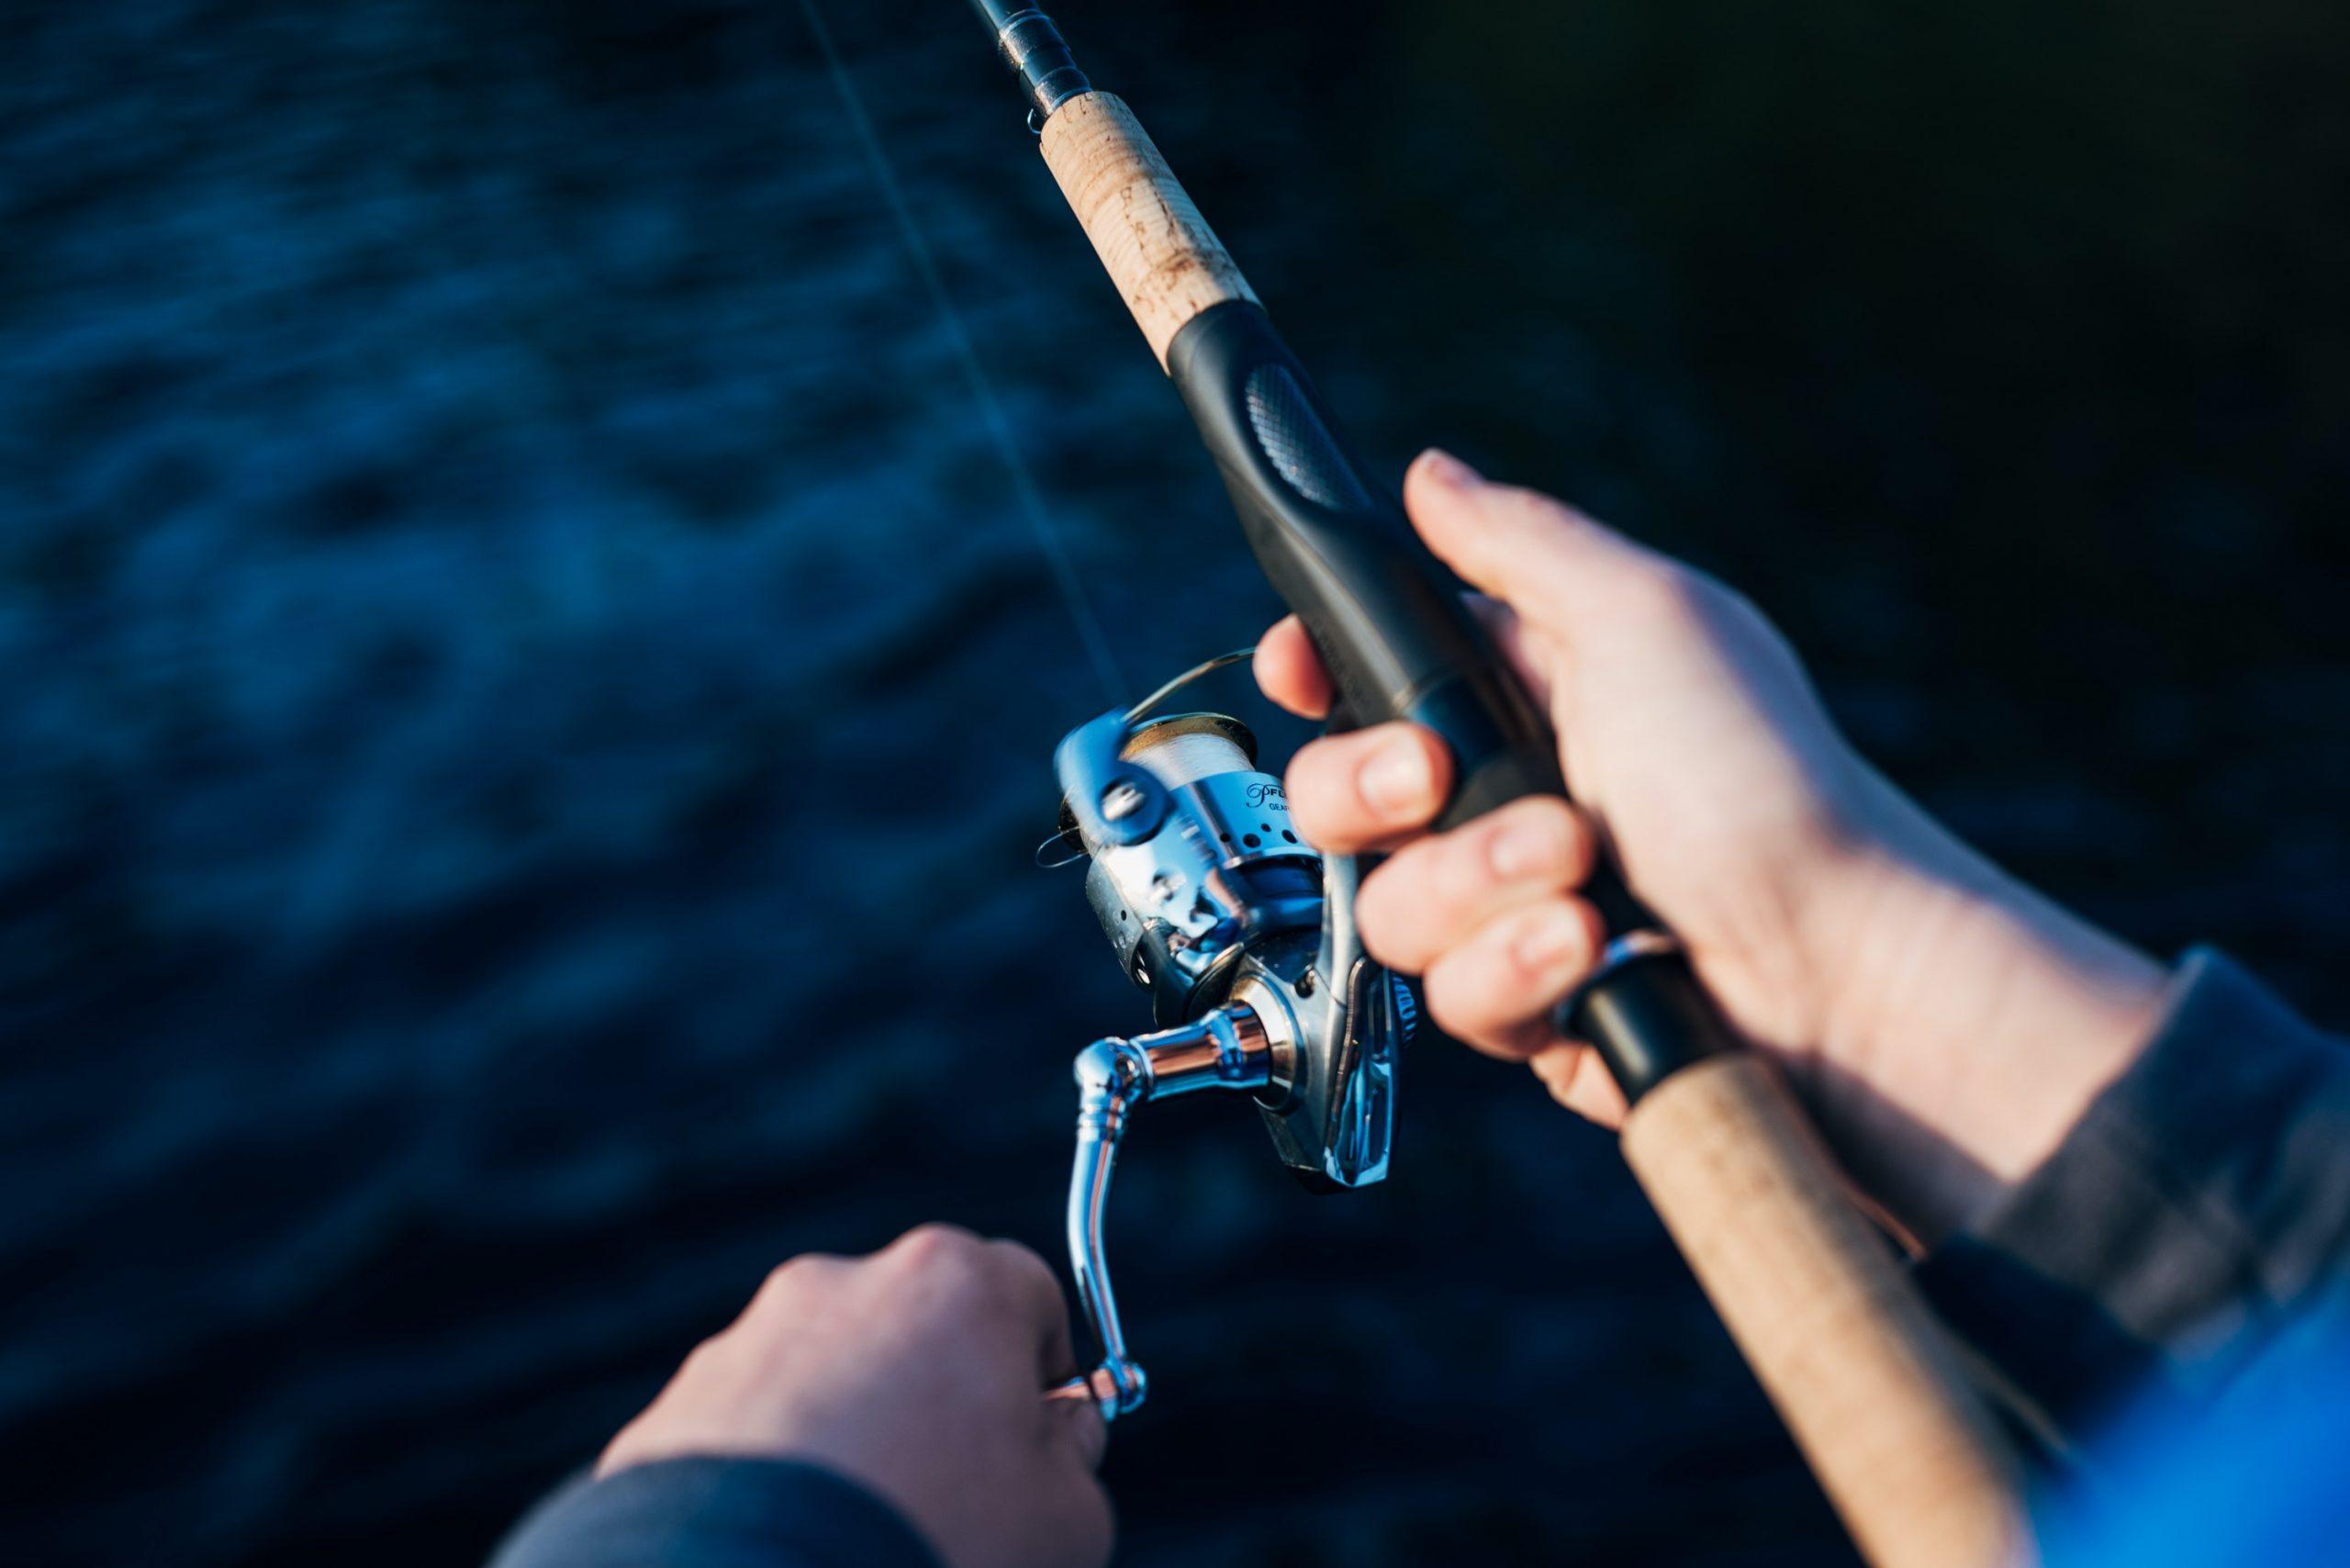 水中ドローンで釣りをする方法まとめ|おすすめ製品も厳選紹介